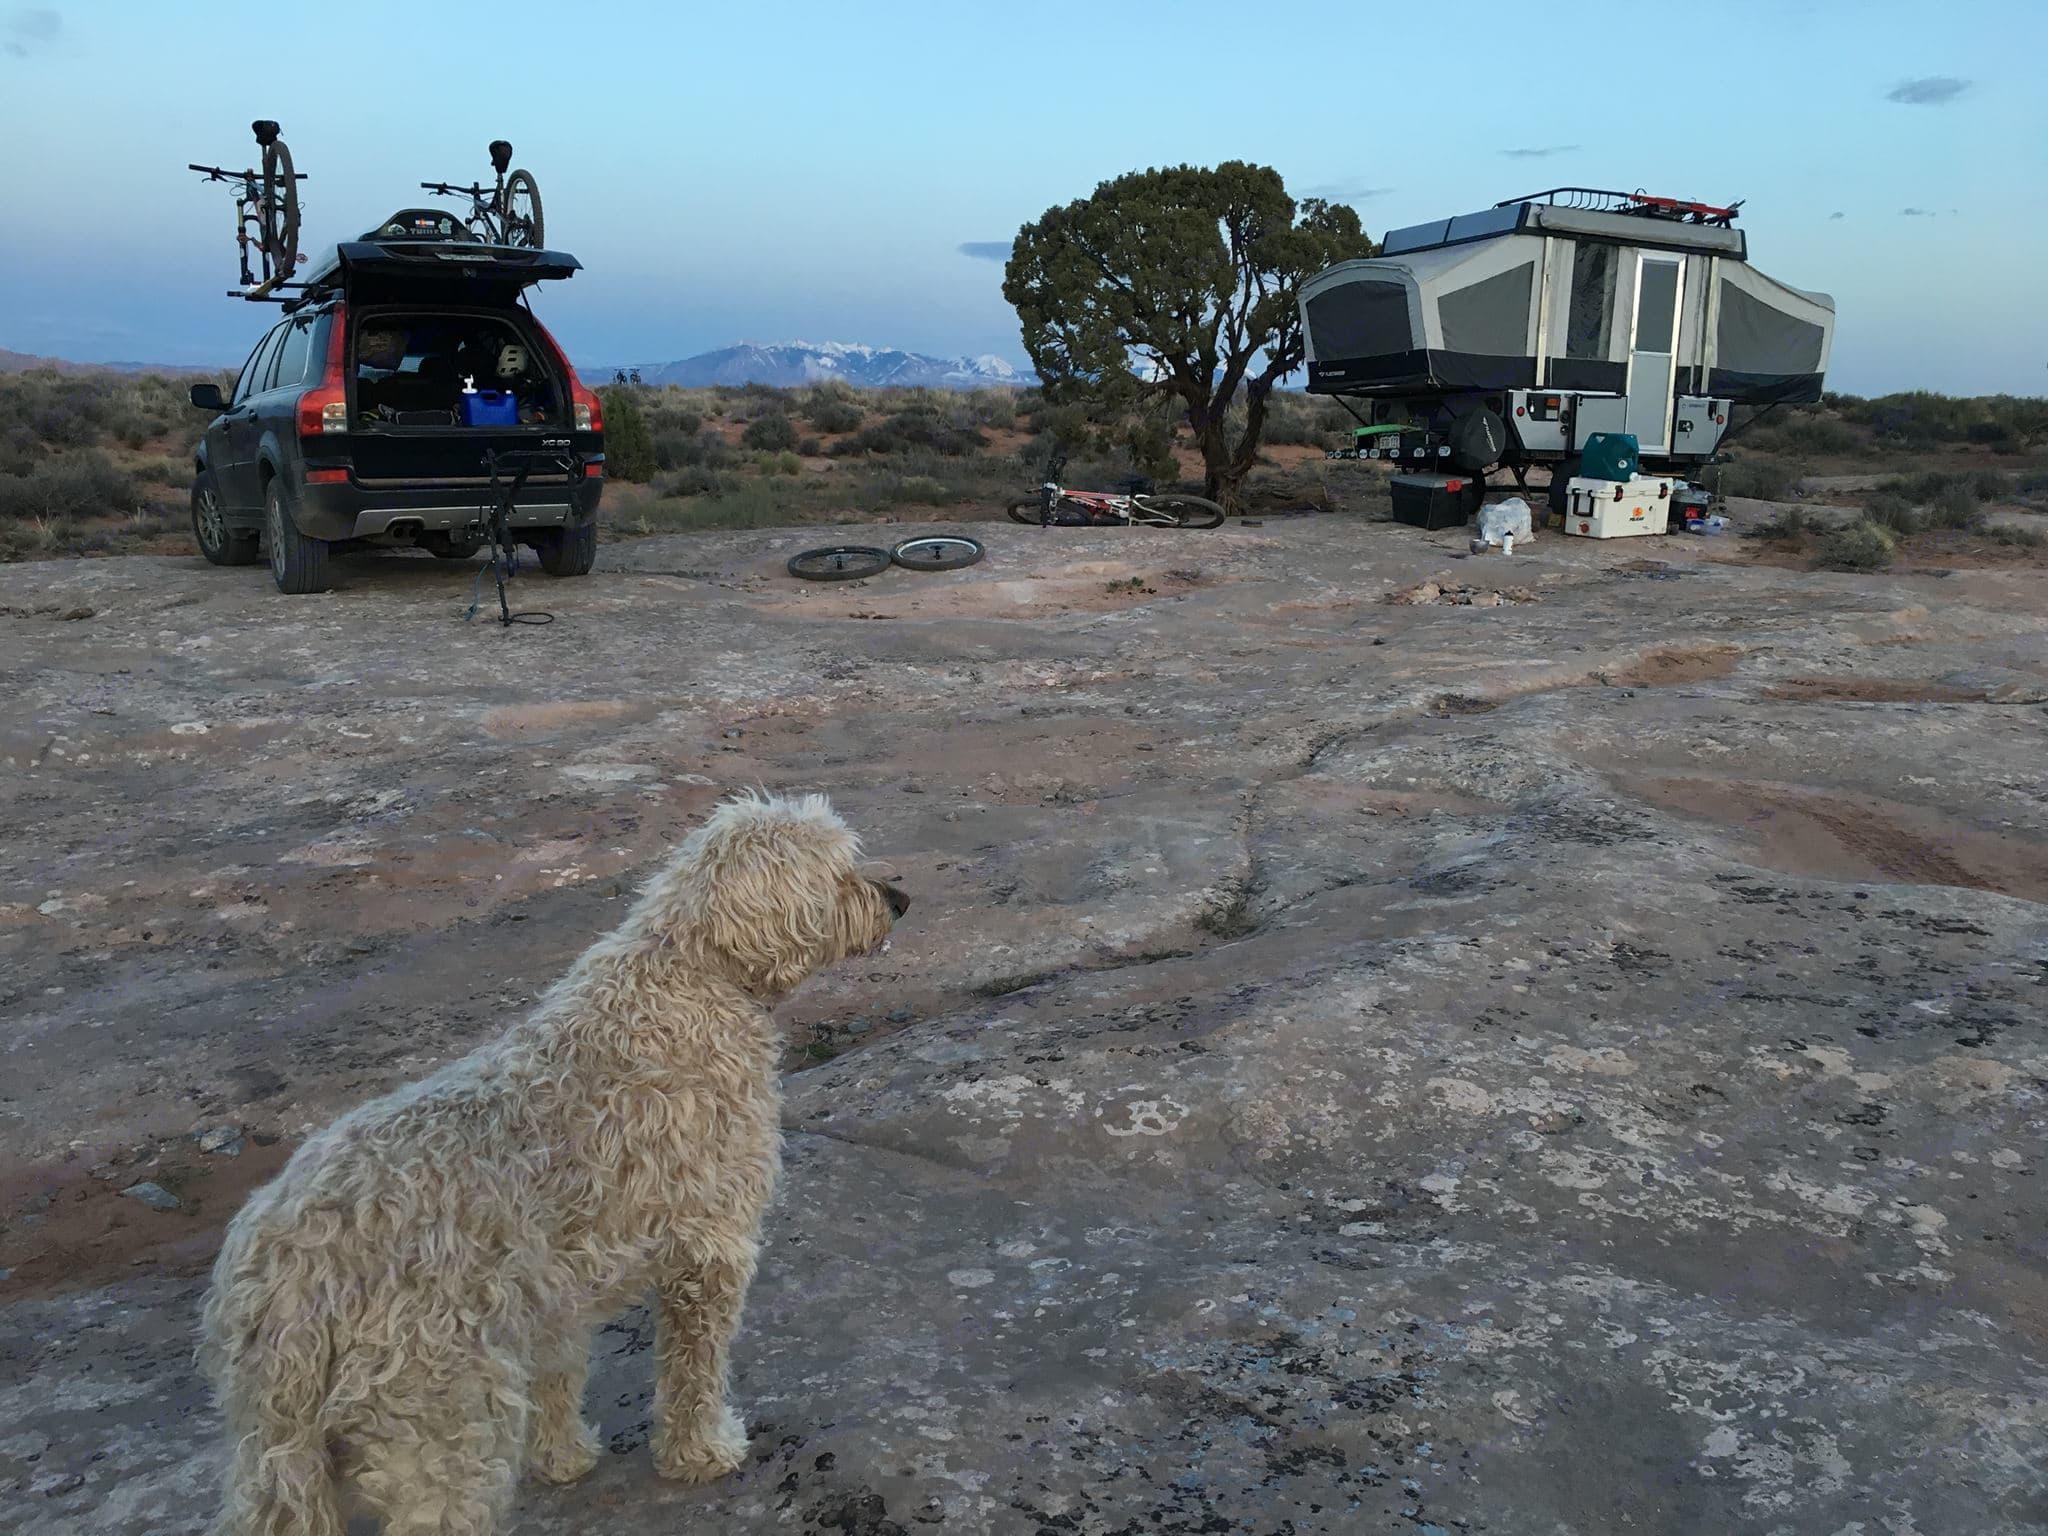 slick rock camping. Fleetwood Cobalt 2008